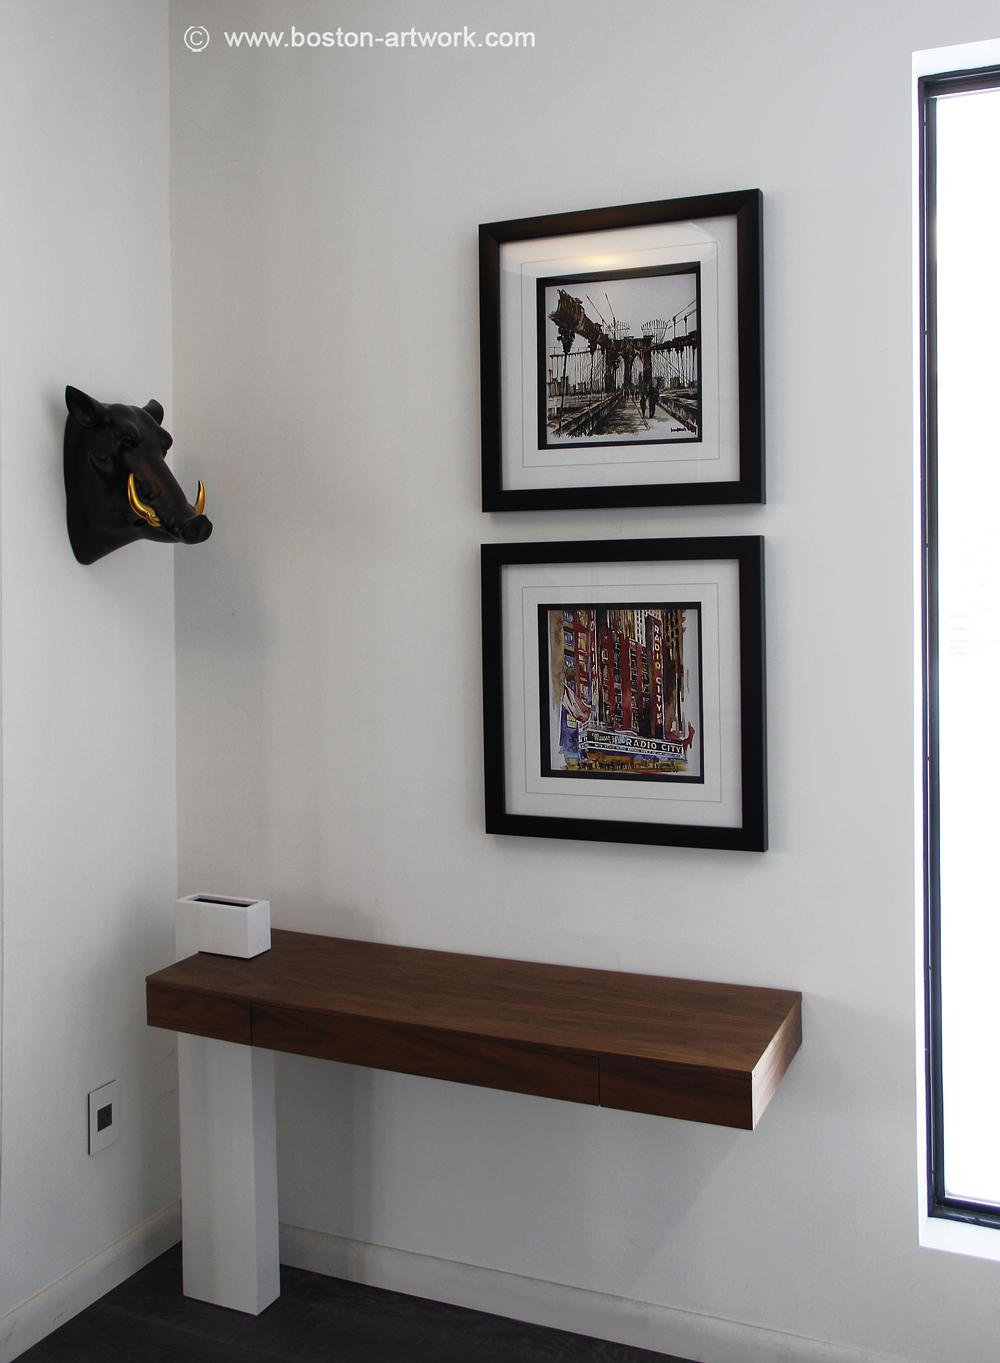 custom frames of new york art prints on our foyer